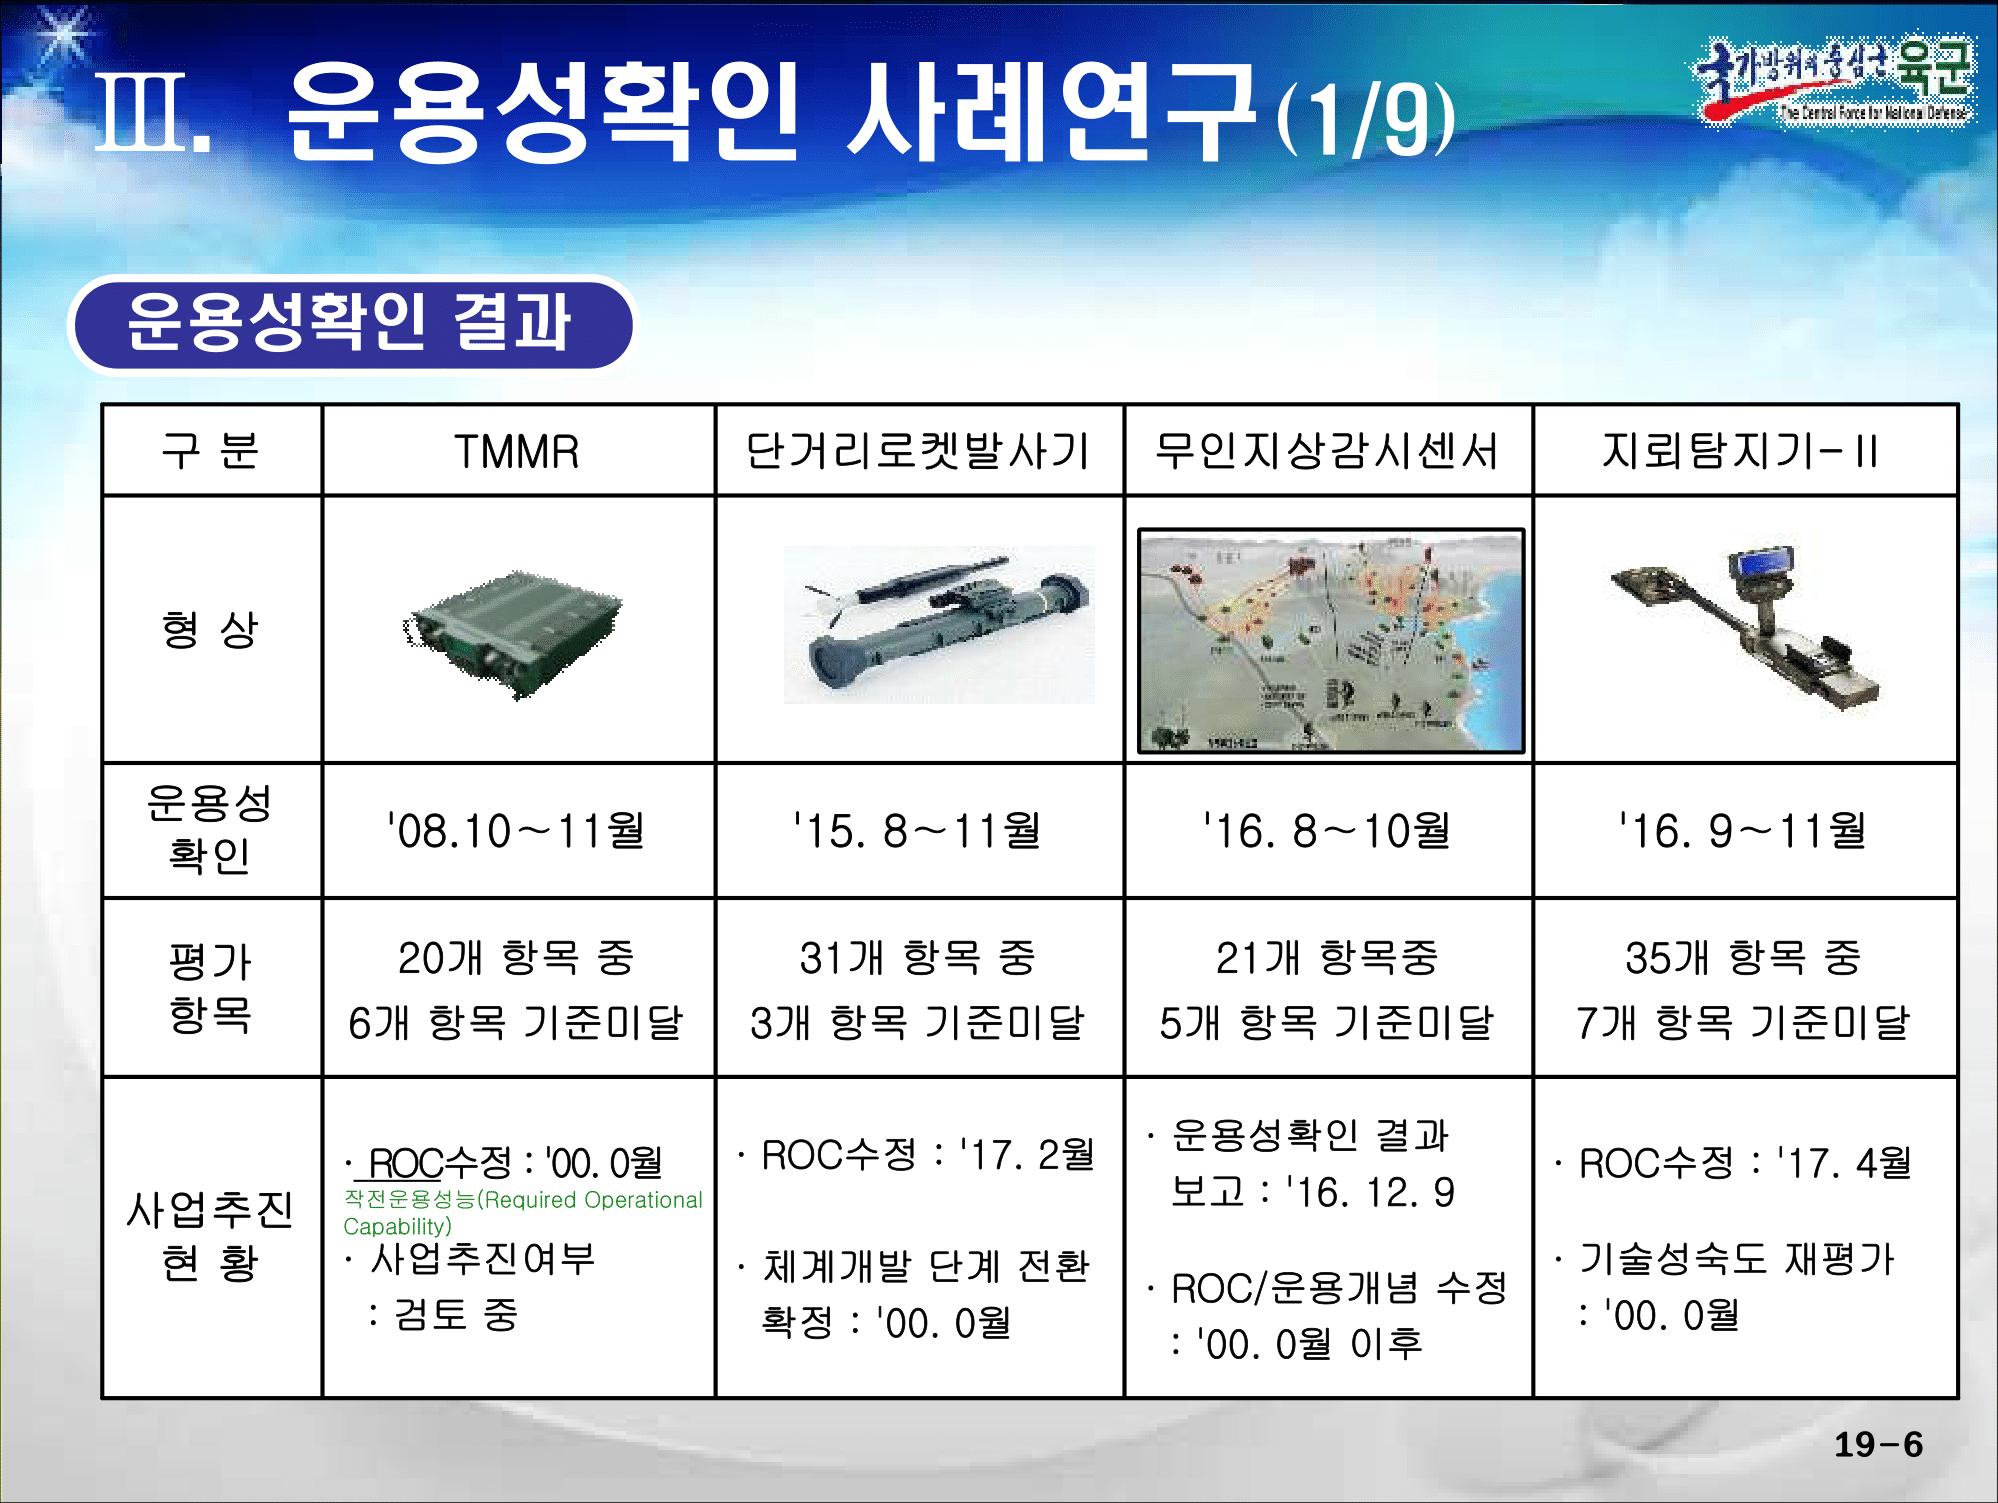 pdf2png.zip-[1-2-02]탐색개발 운용성확인 발전방안-[1-2-02]탐색개발 운용성확인 발전방안-06.png